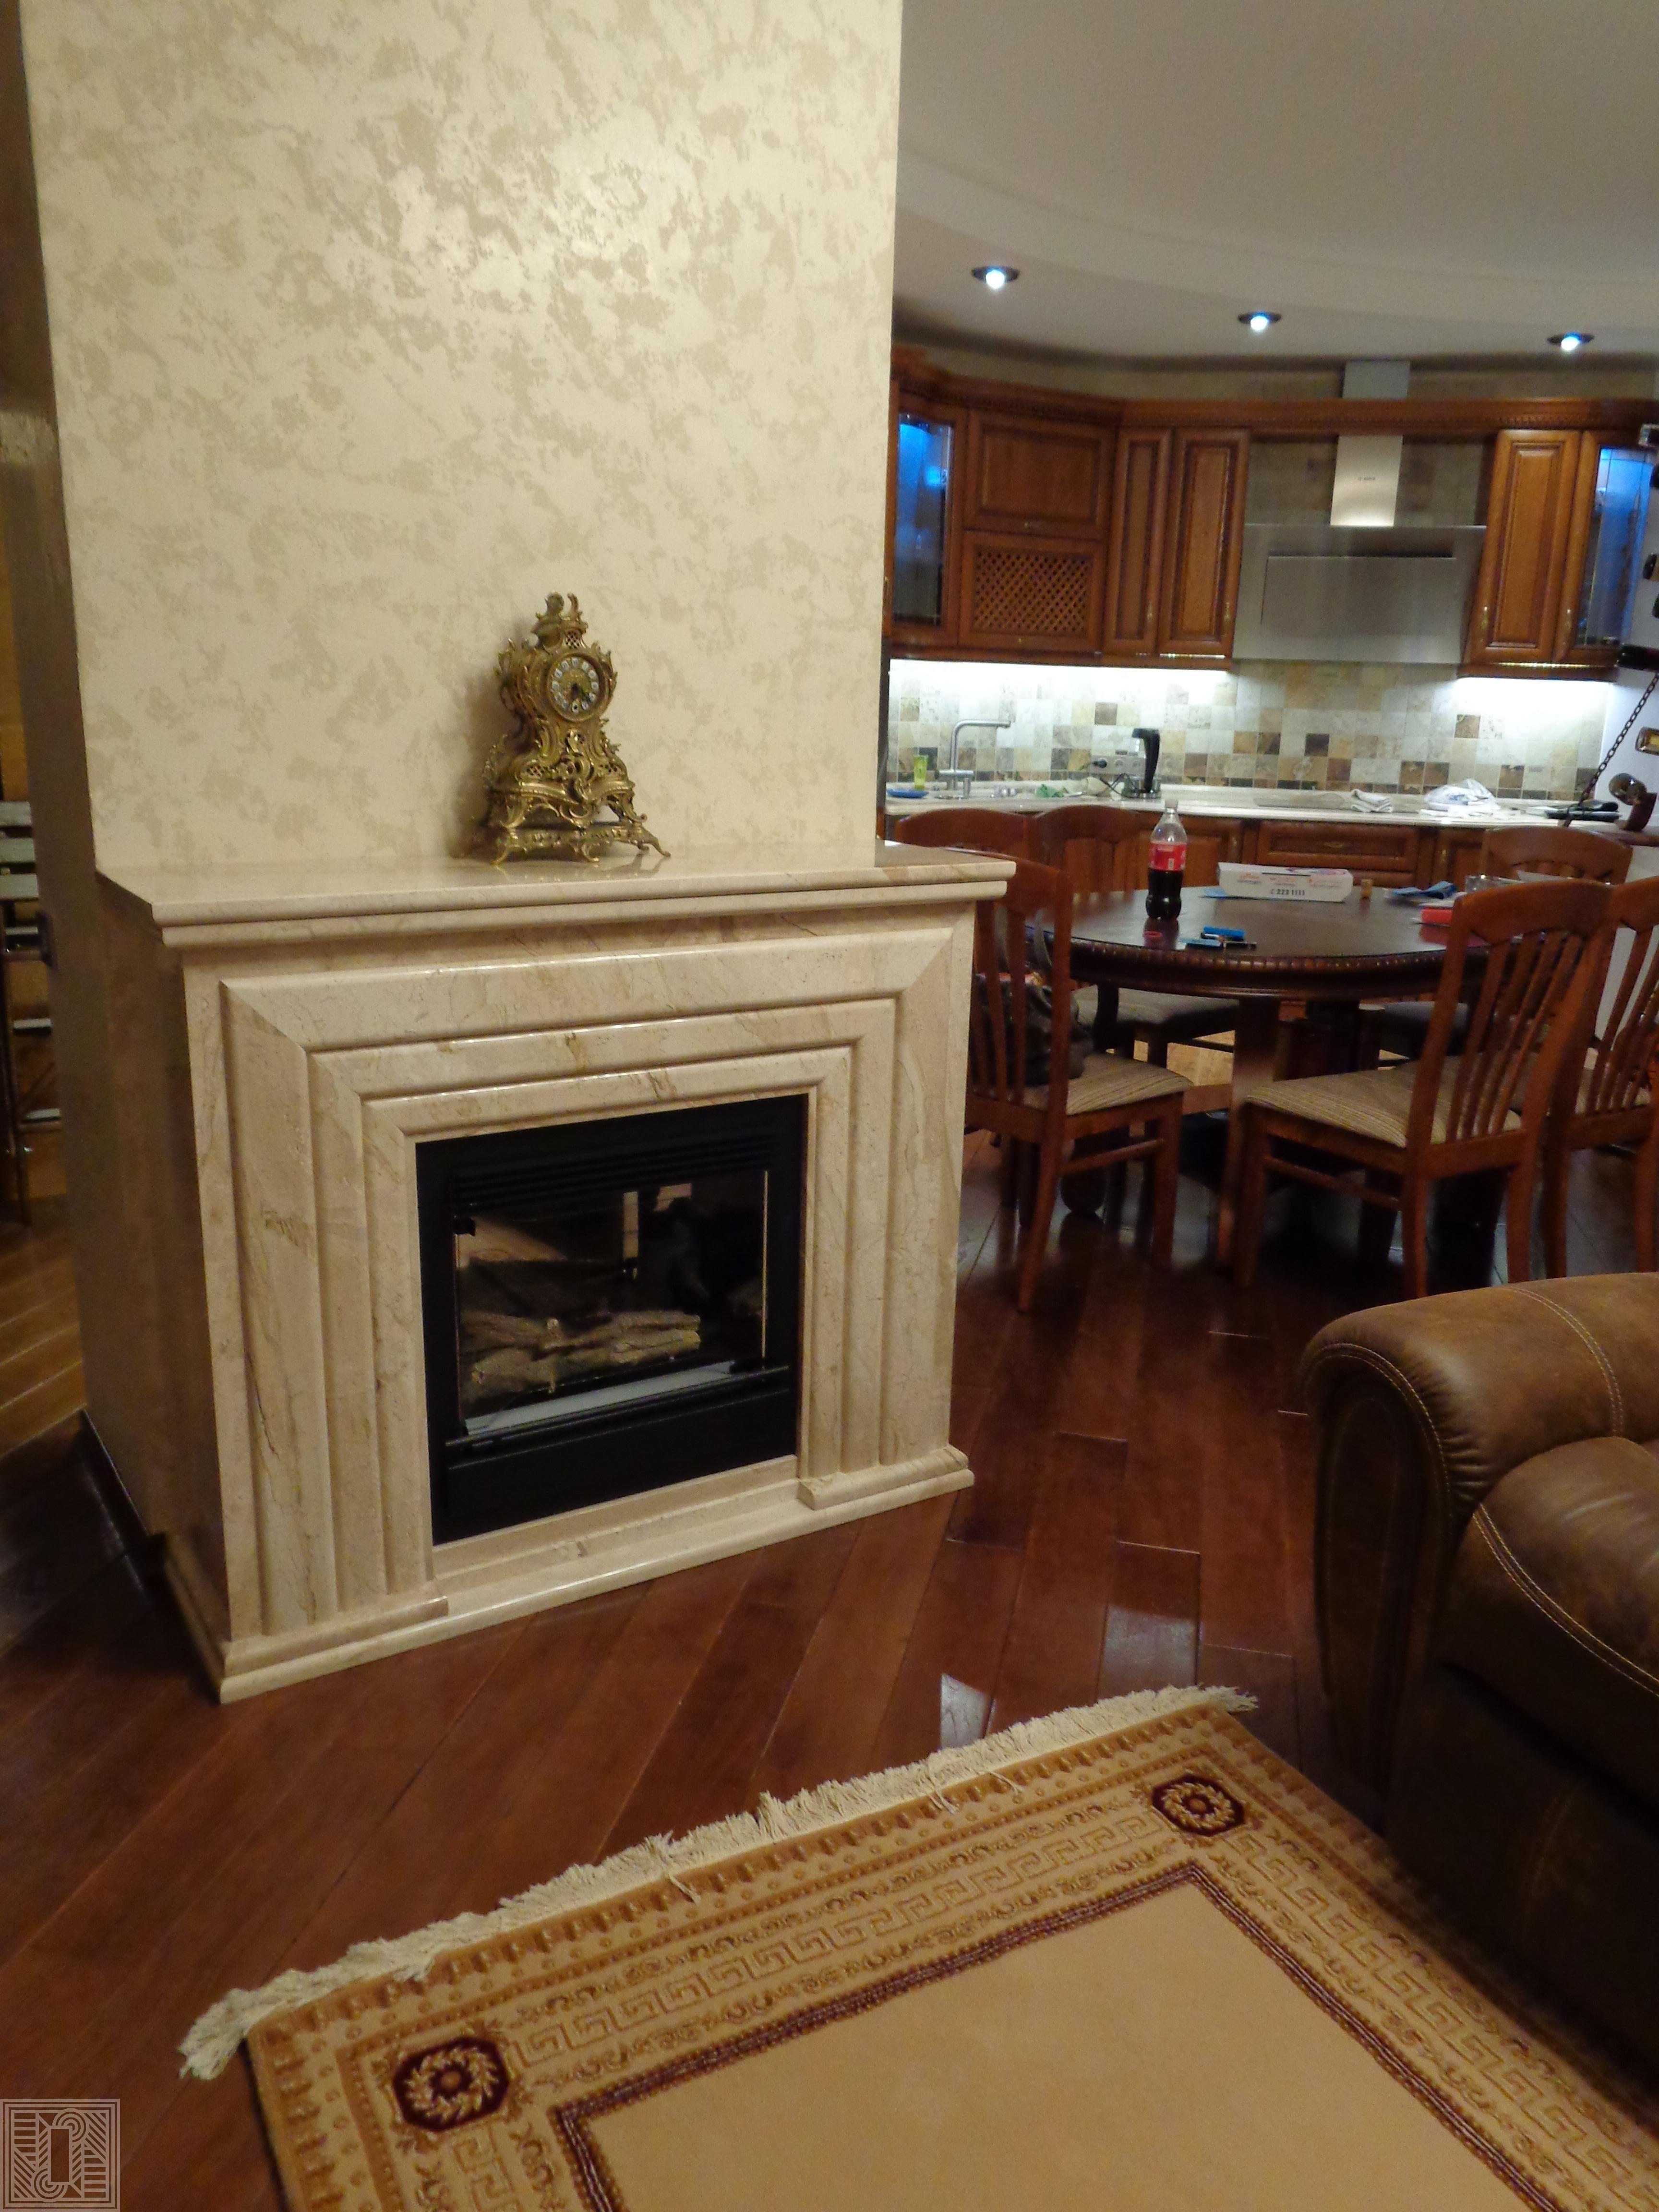 Камин из мрамора Daino 30 мм fireplace-marble - Kamin iz mramora Daino 30 mm e1562345461540